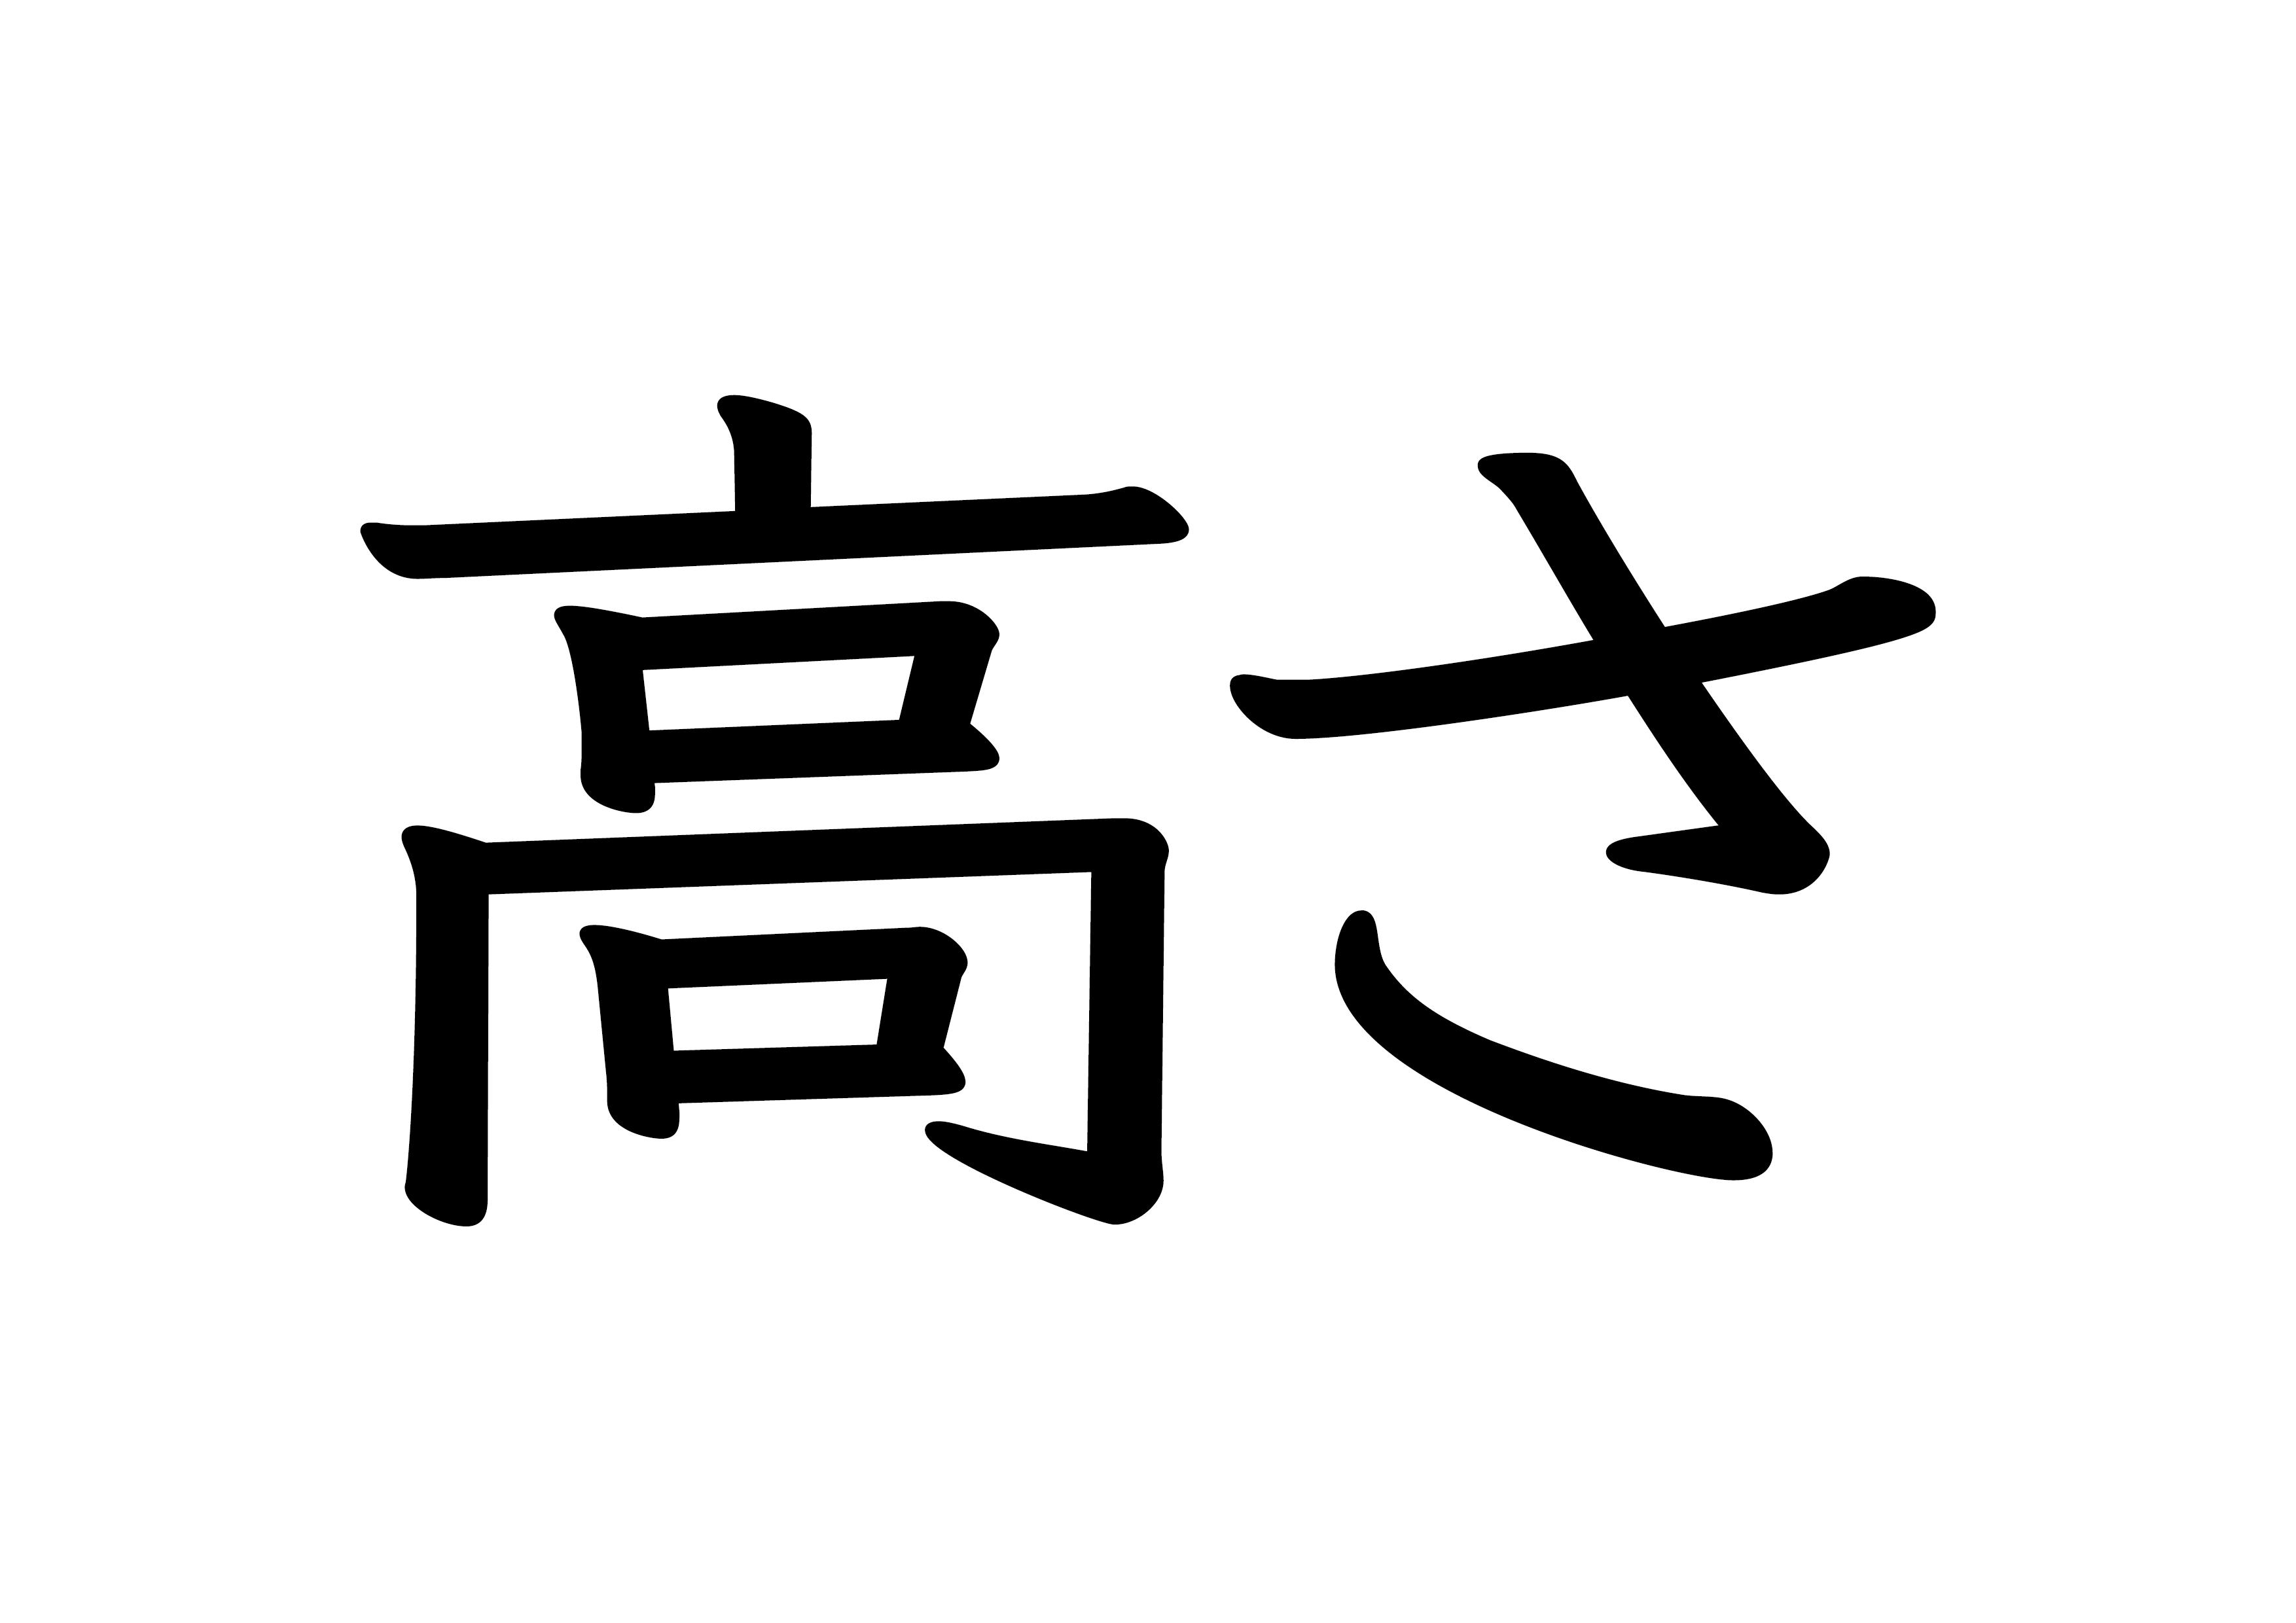 40課文字カード【高さ】